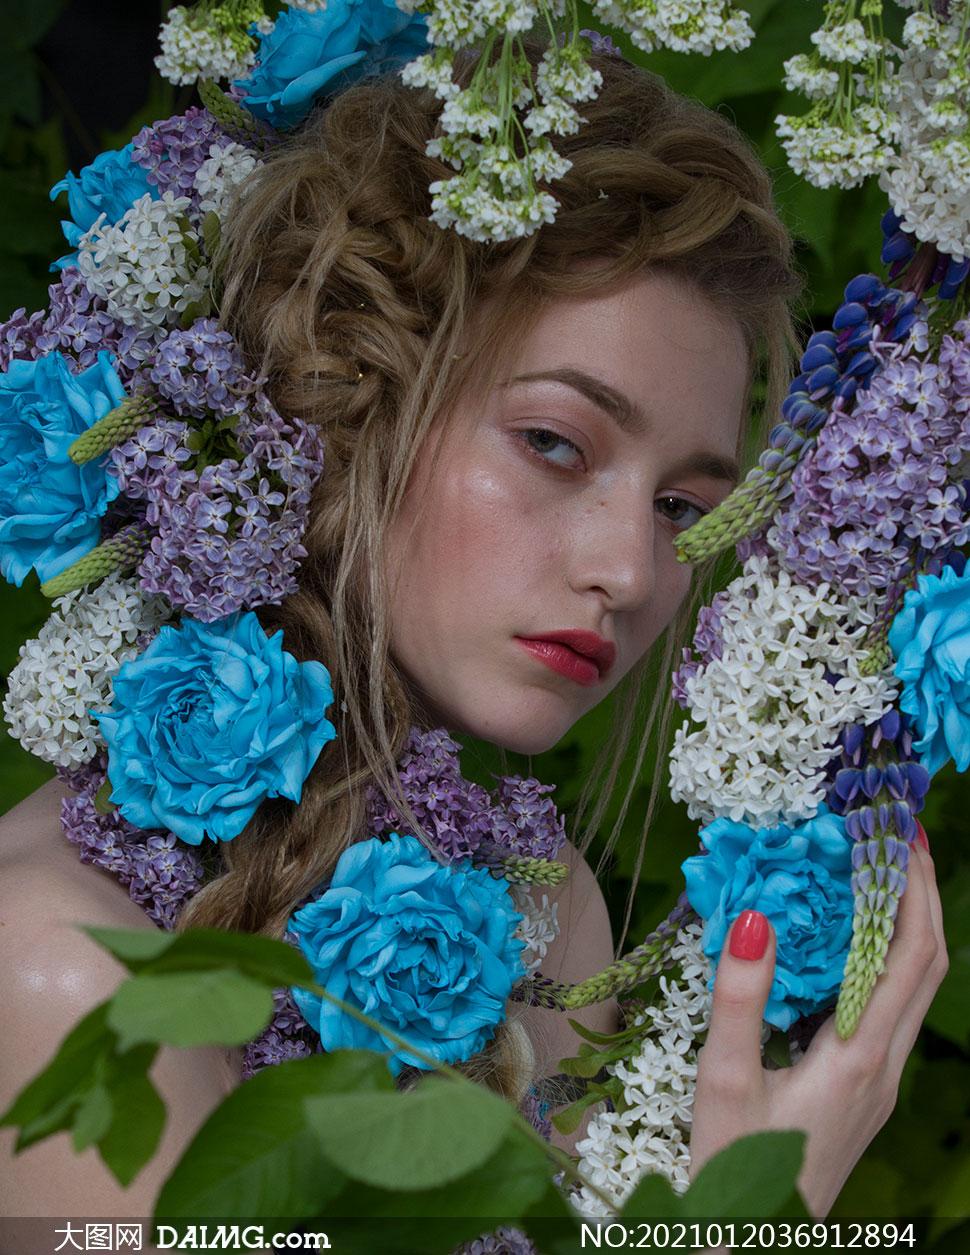 用手触摸着鲜花的美女摄影原片素材